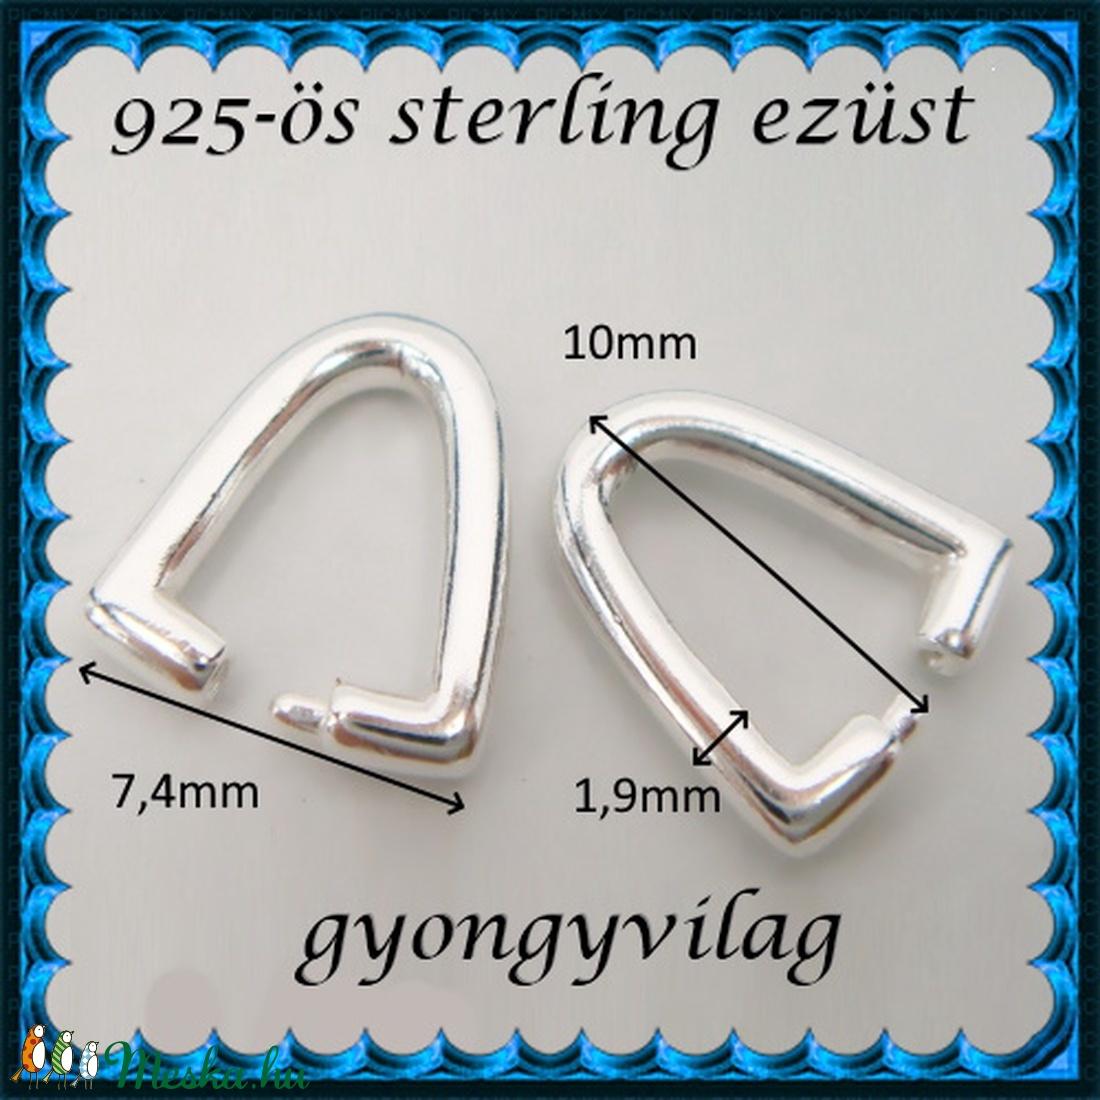 925-ös sterling ezüst ékszerkellék: medáltartó, medálkapocs EMK 114e - gyöngy, ékszerkellék - egyéb alkatrész - Meska.hu